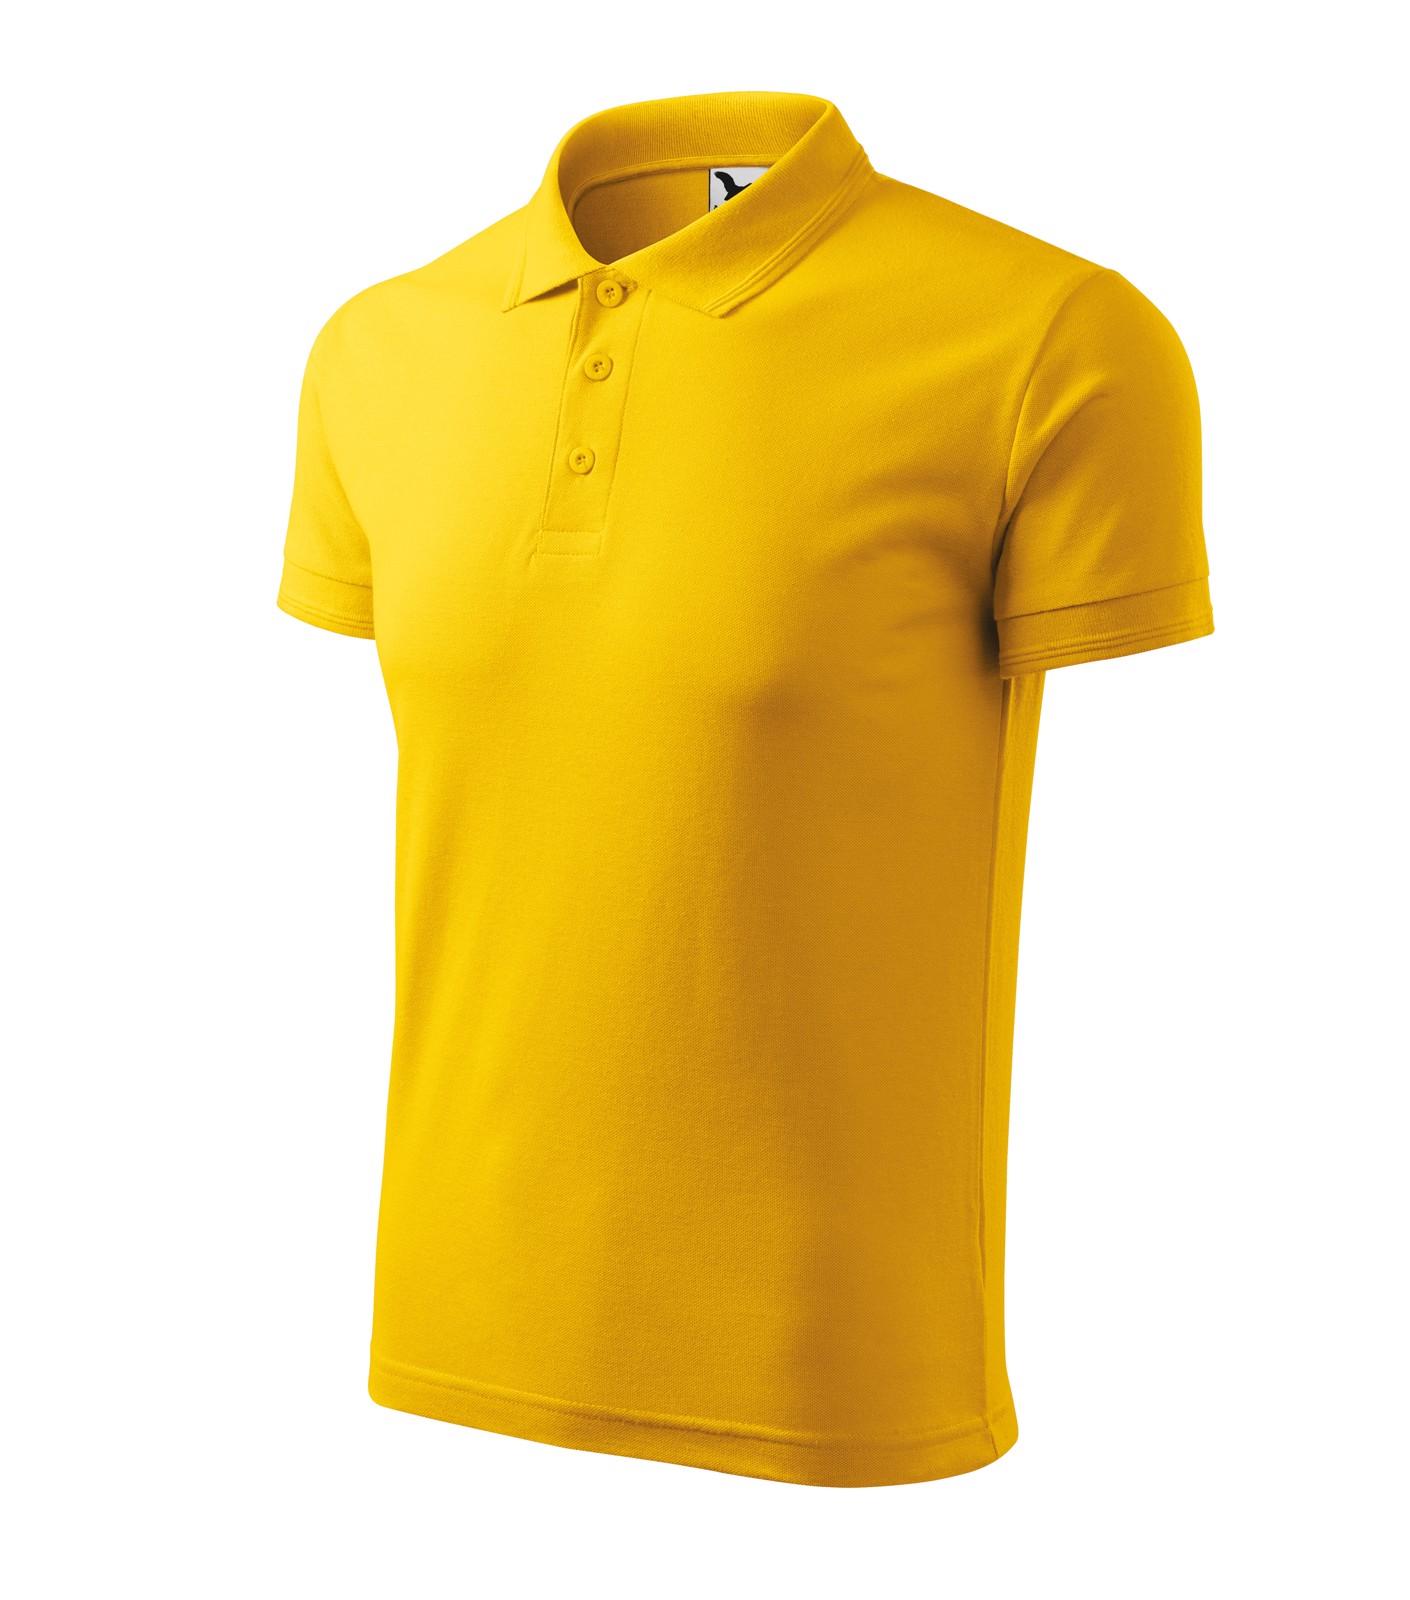 Polokošile pánská Malfini Pique Polo - Žlutá / 2XL